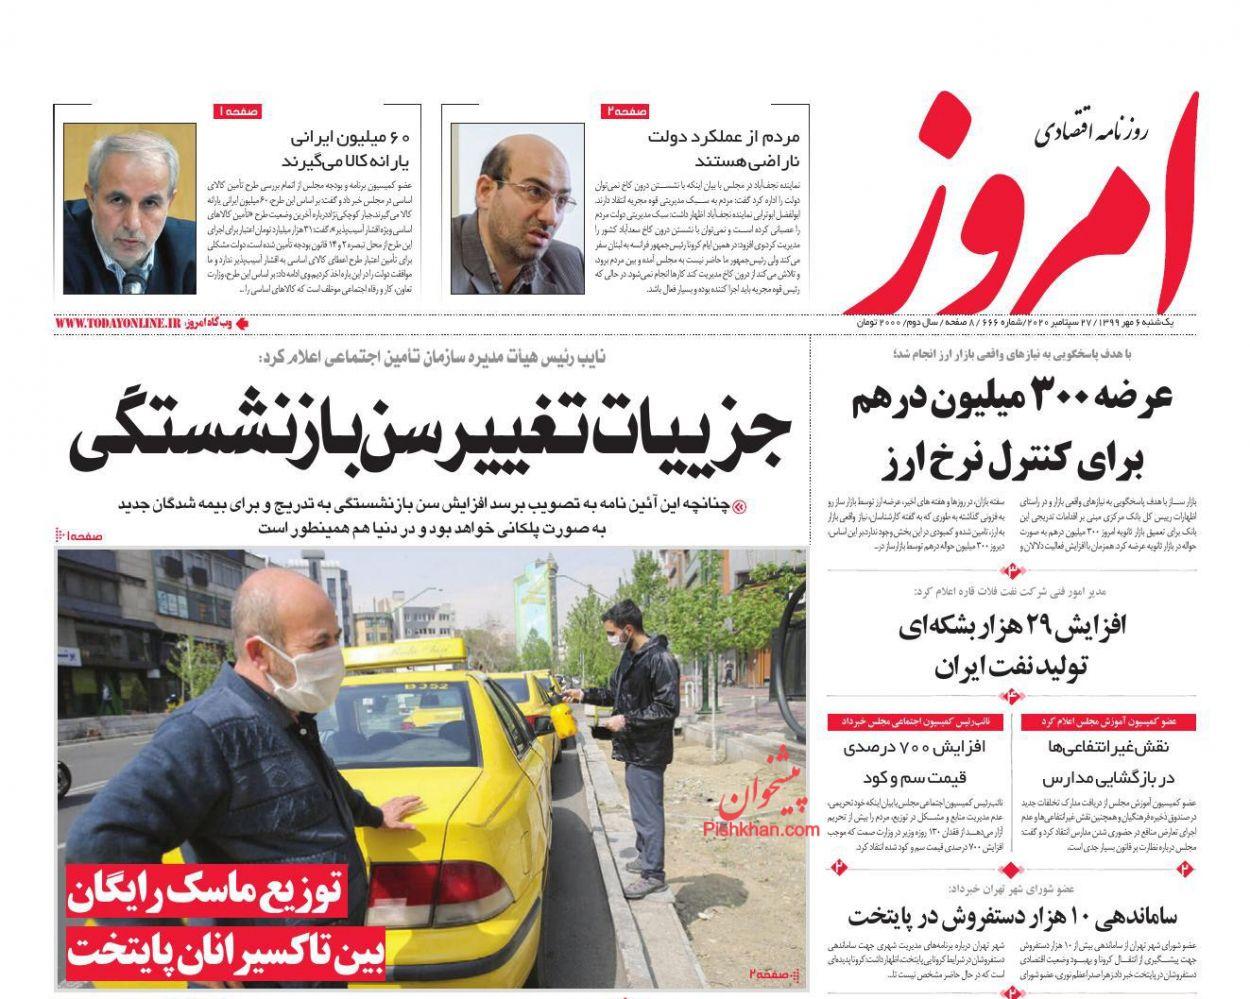 عناوین اخبار روزنامه امروز در روز یکشنبه ۶ مهر